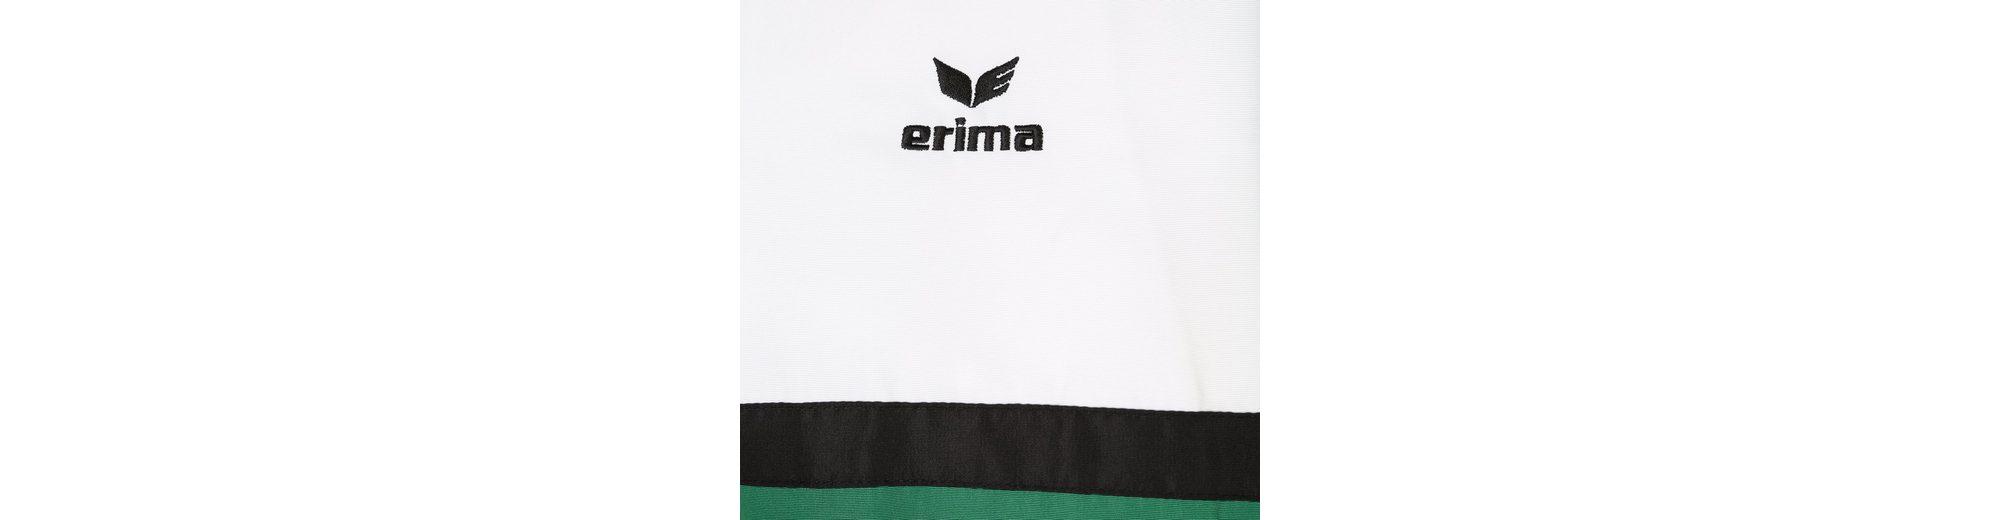 ERIMA 5-CUBES Jacke Herren Billig 2018 Neu Brandneue Unisex Online Freies Verschiffen Begrenzte Ausgabe olb6F0